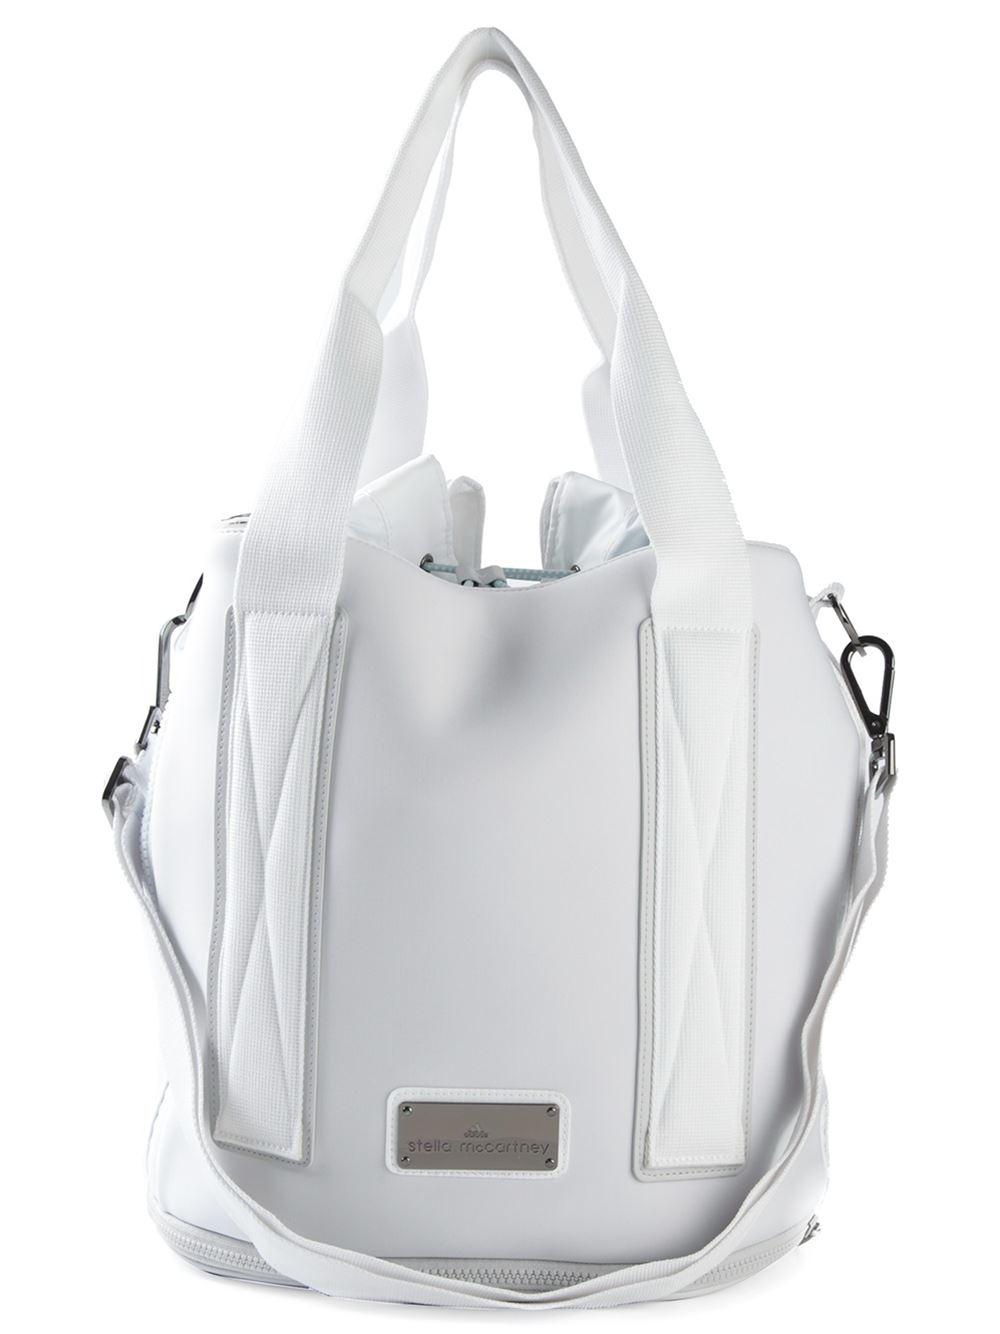 0fb8cdc047c Lyst - adidas By Stella McCartney Medium Tennis Bag in White